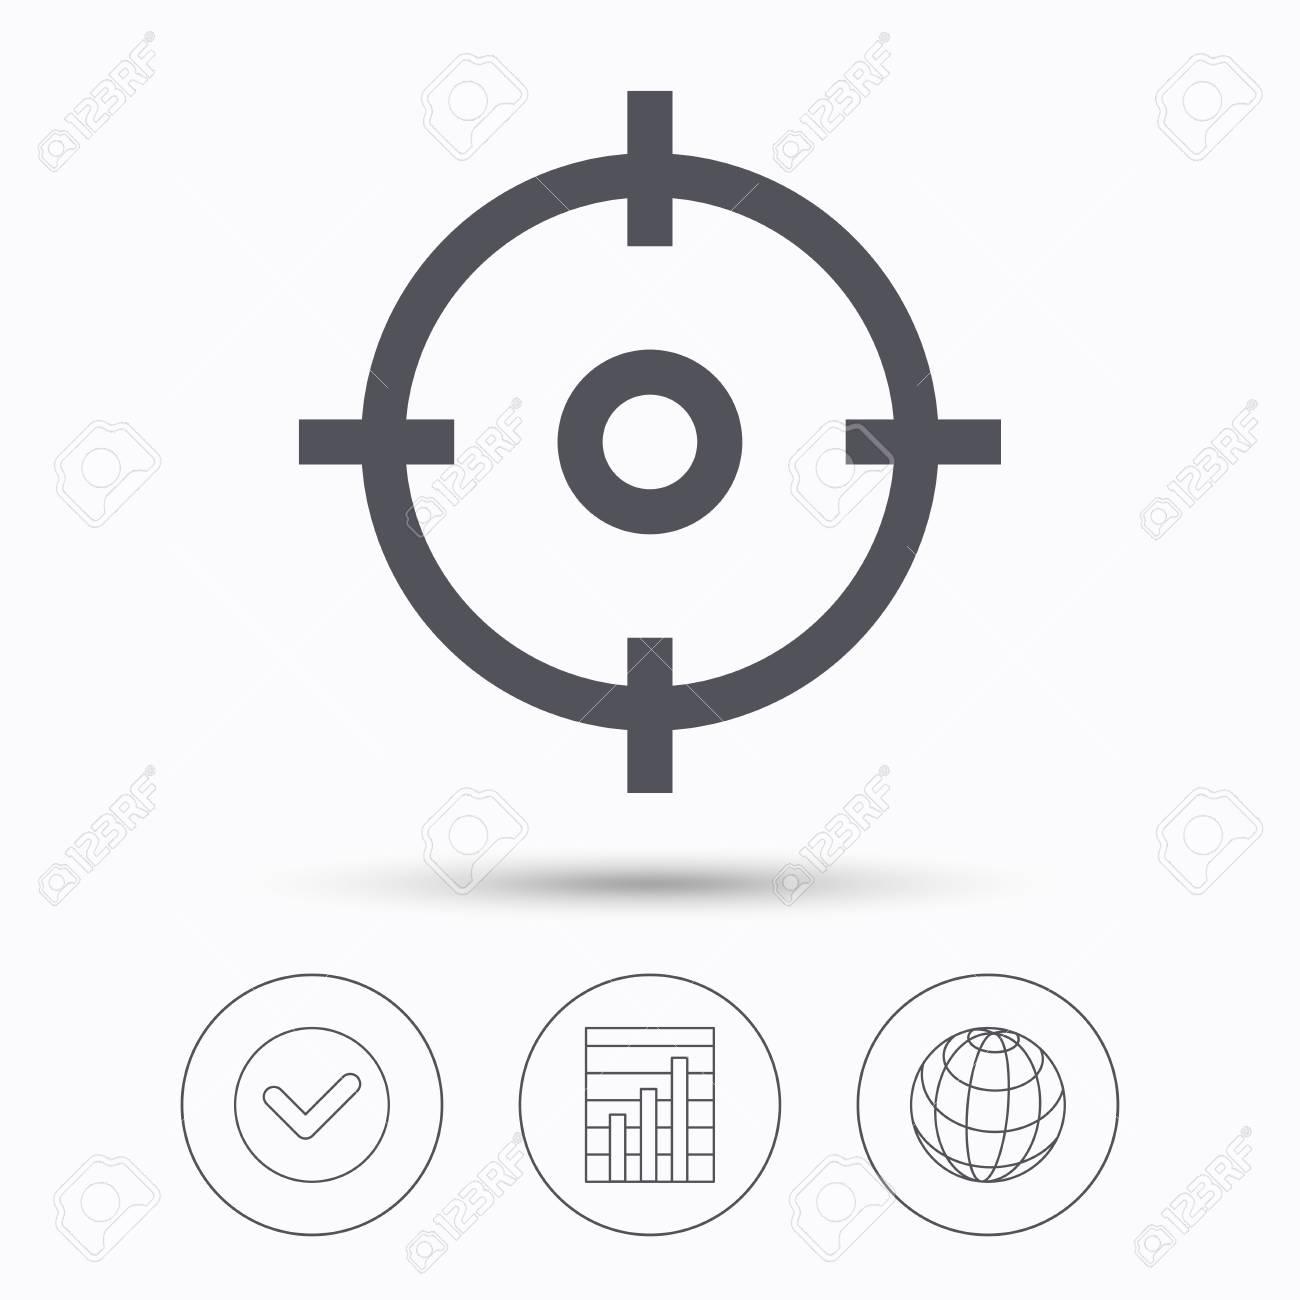 Icono De Destino Símbolo De Puntería De Cruz. Compruebe Tic, Gráfico ...